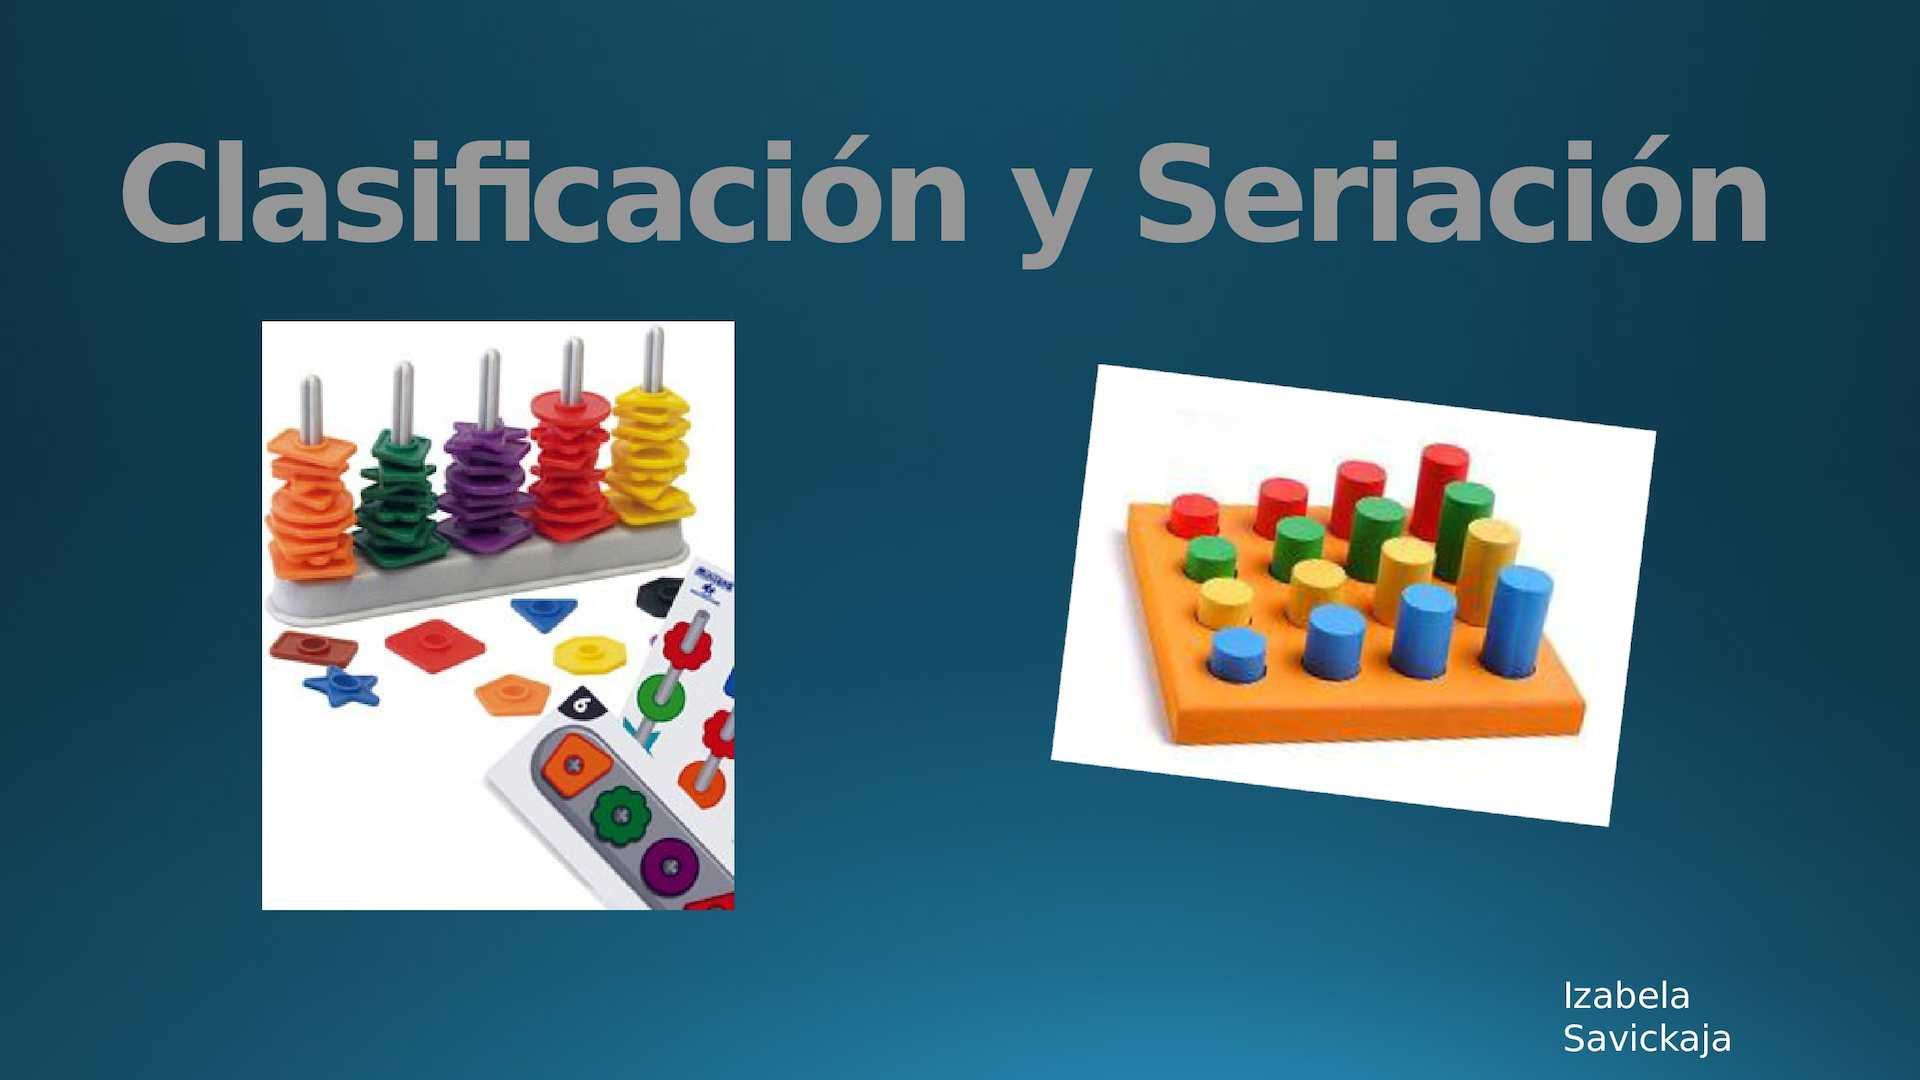 Clasificación Y Seriacion